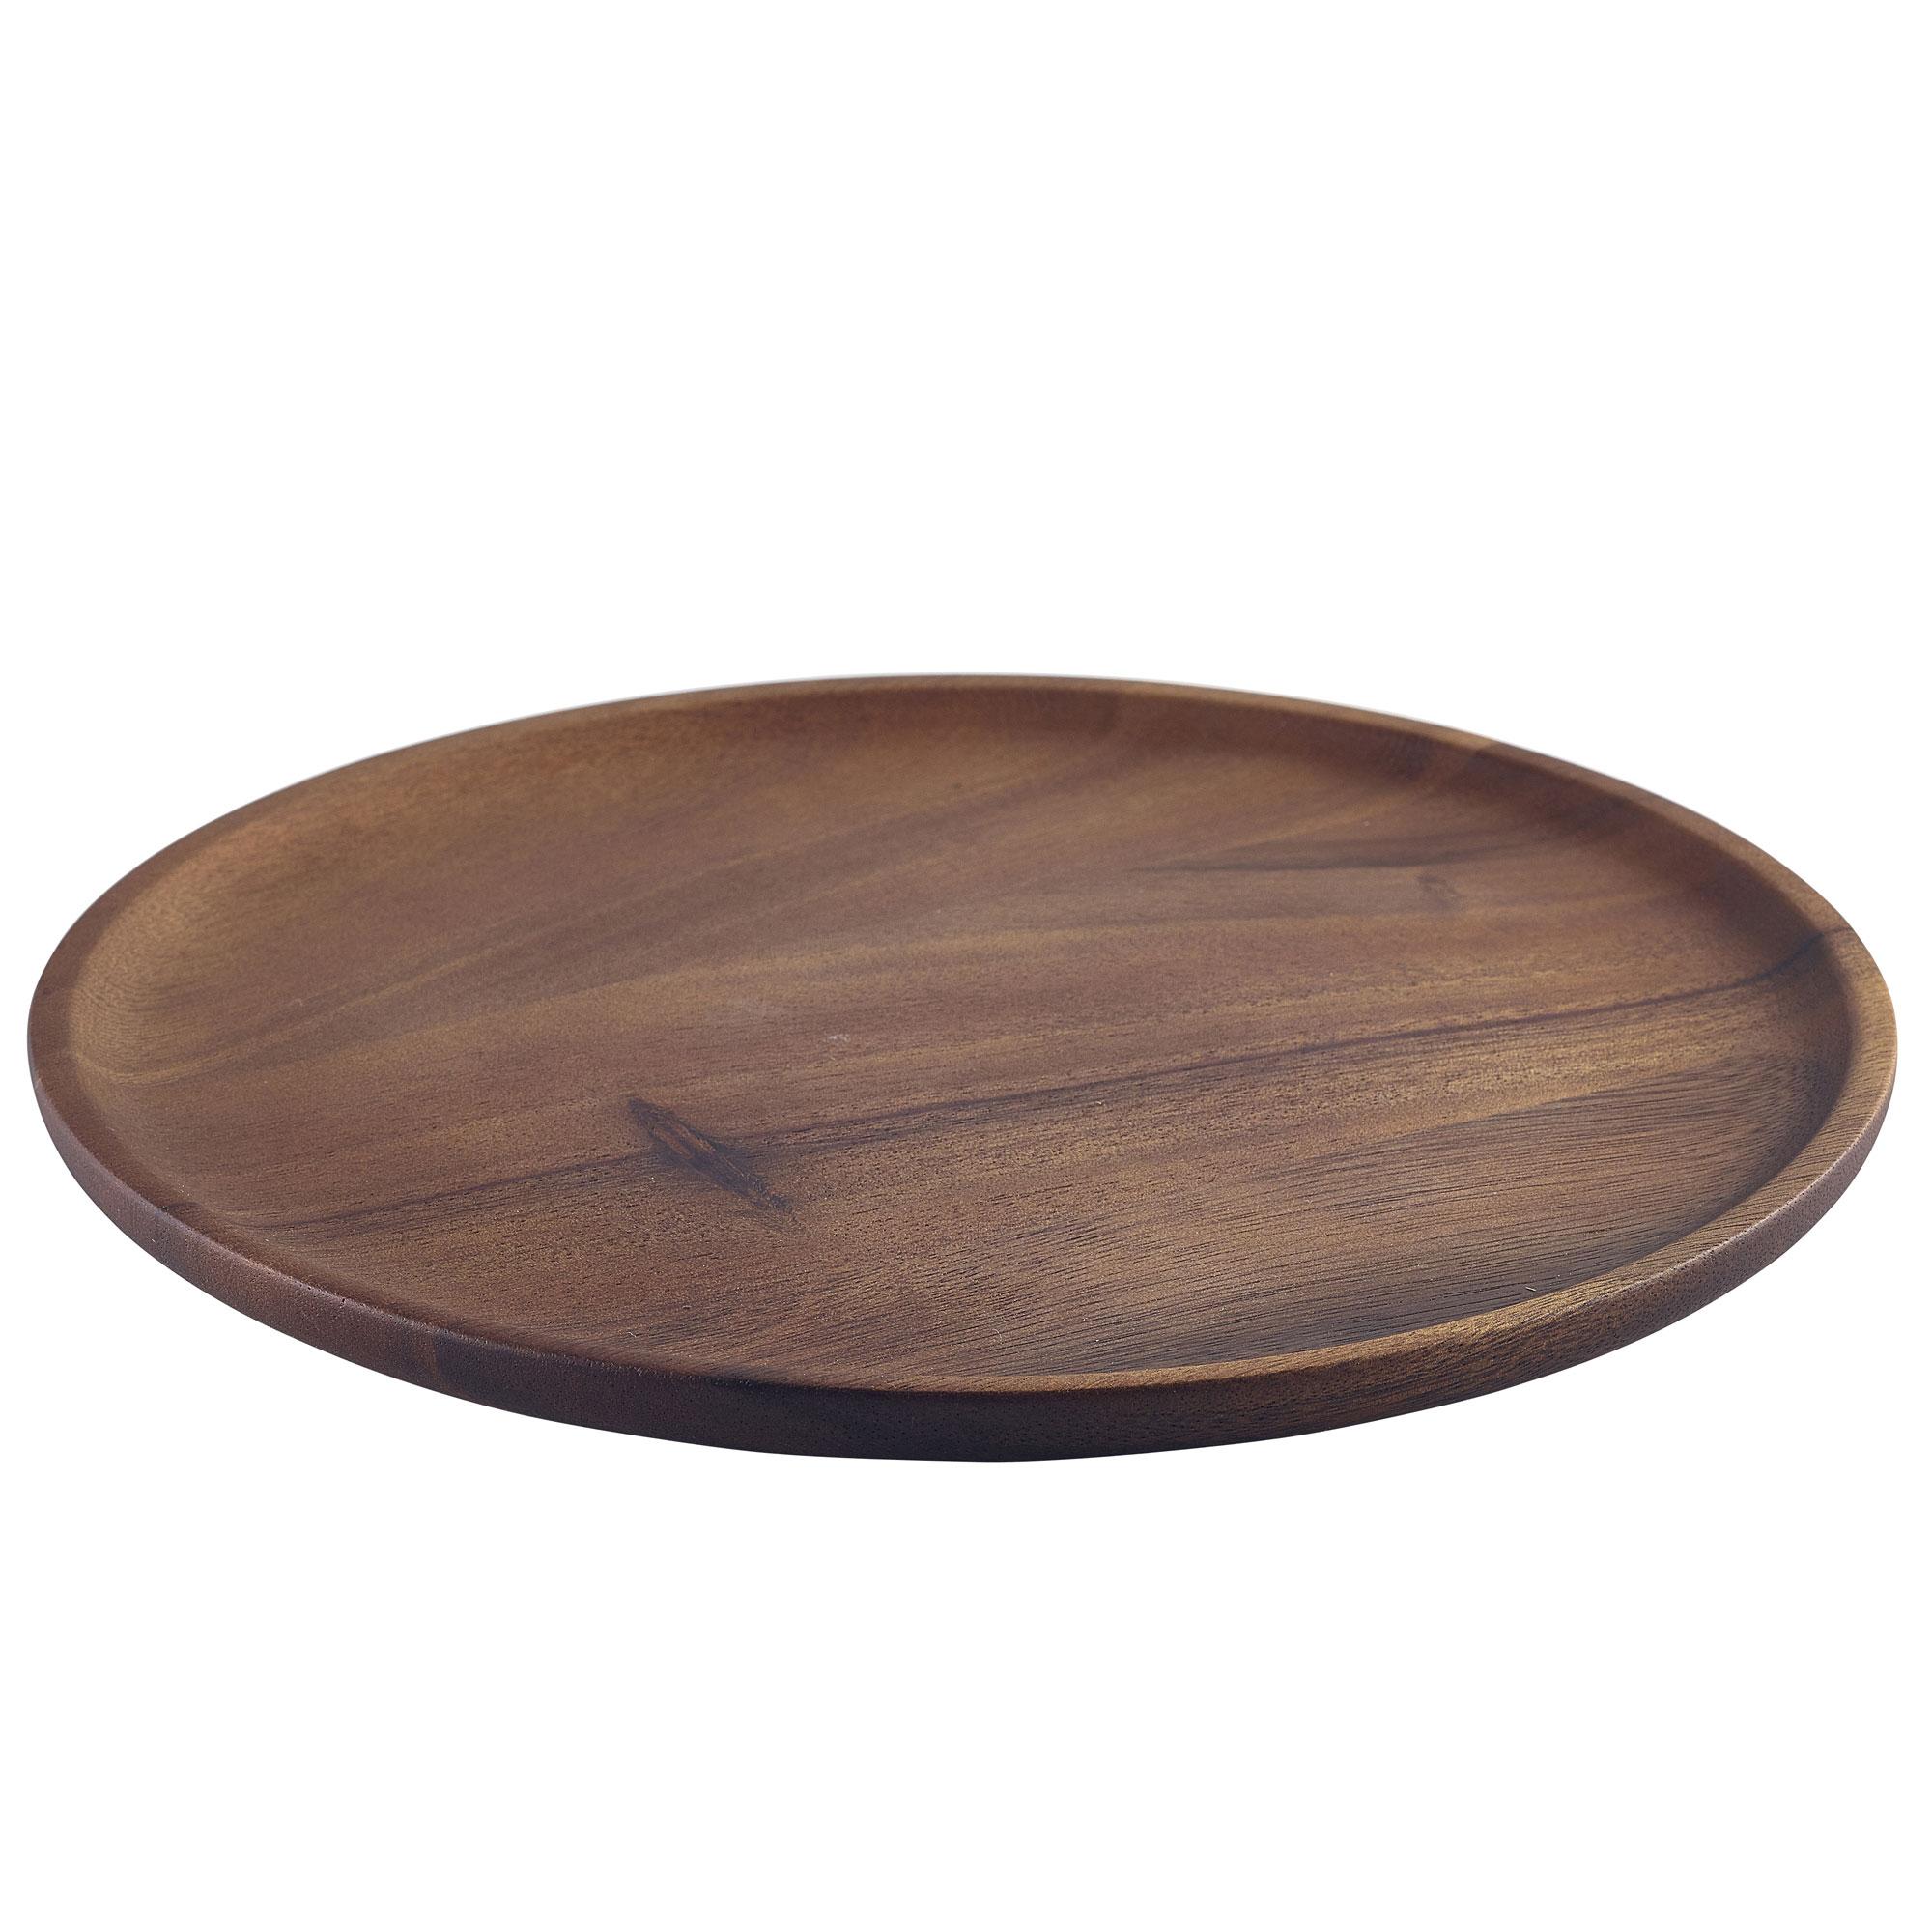 Acacia Wood Plates : Acacia wood serving plate at drinkstuff